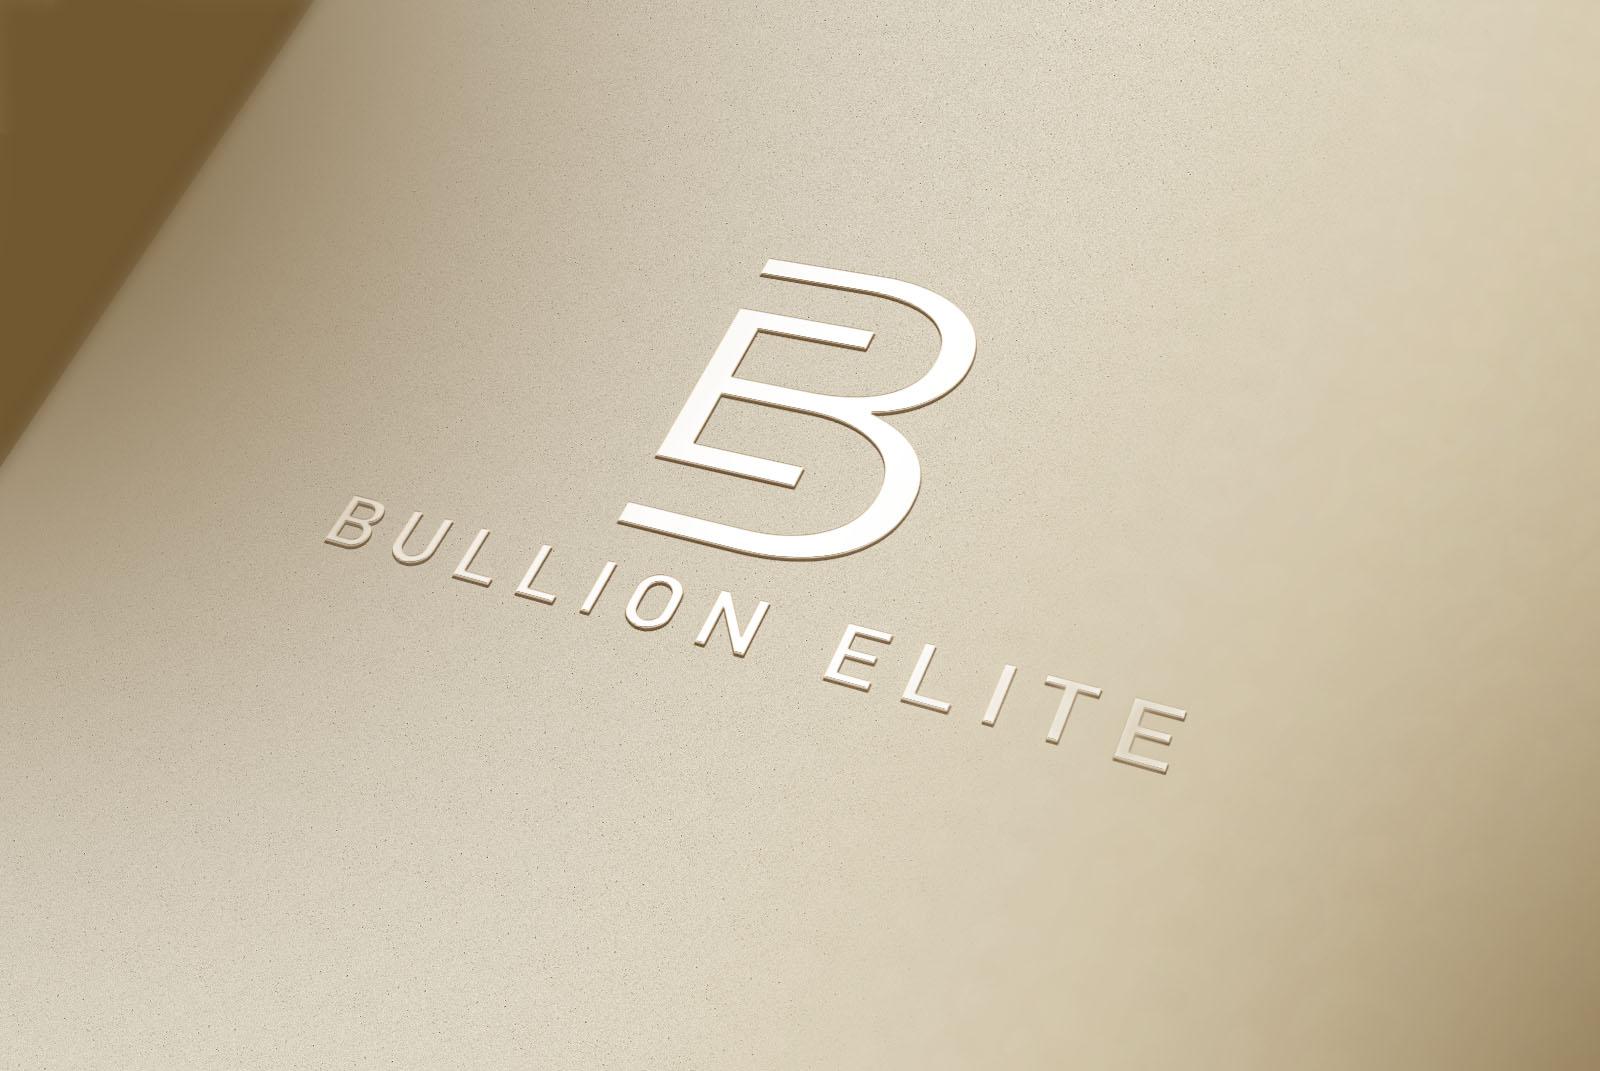 Bullion Elite logo design